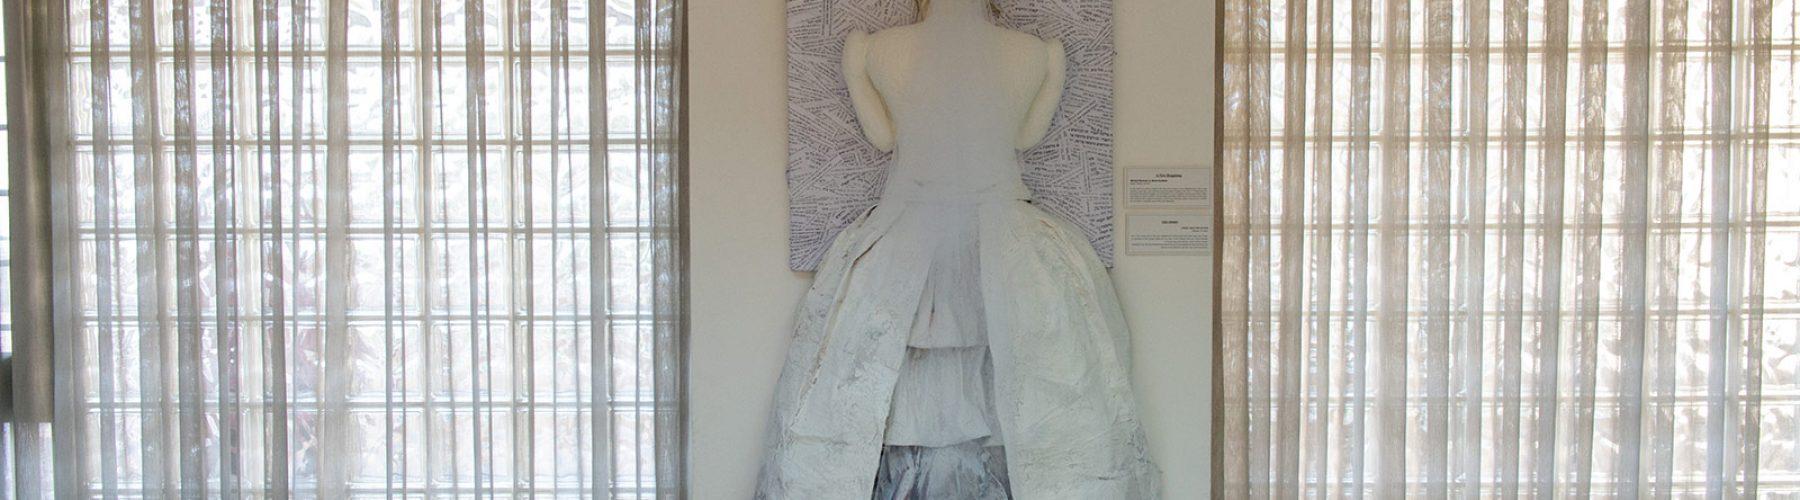 Bereshit-Bara-Exhibition-space2